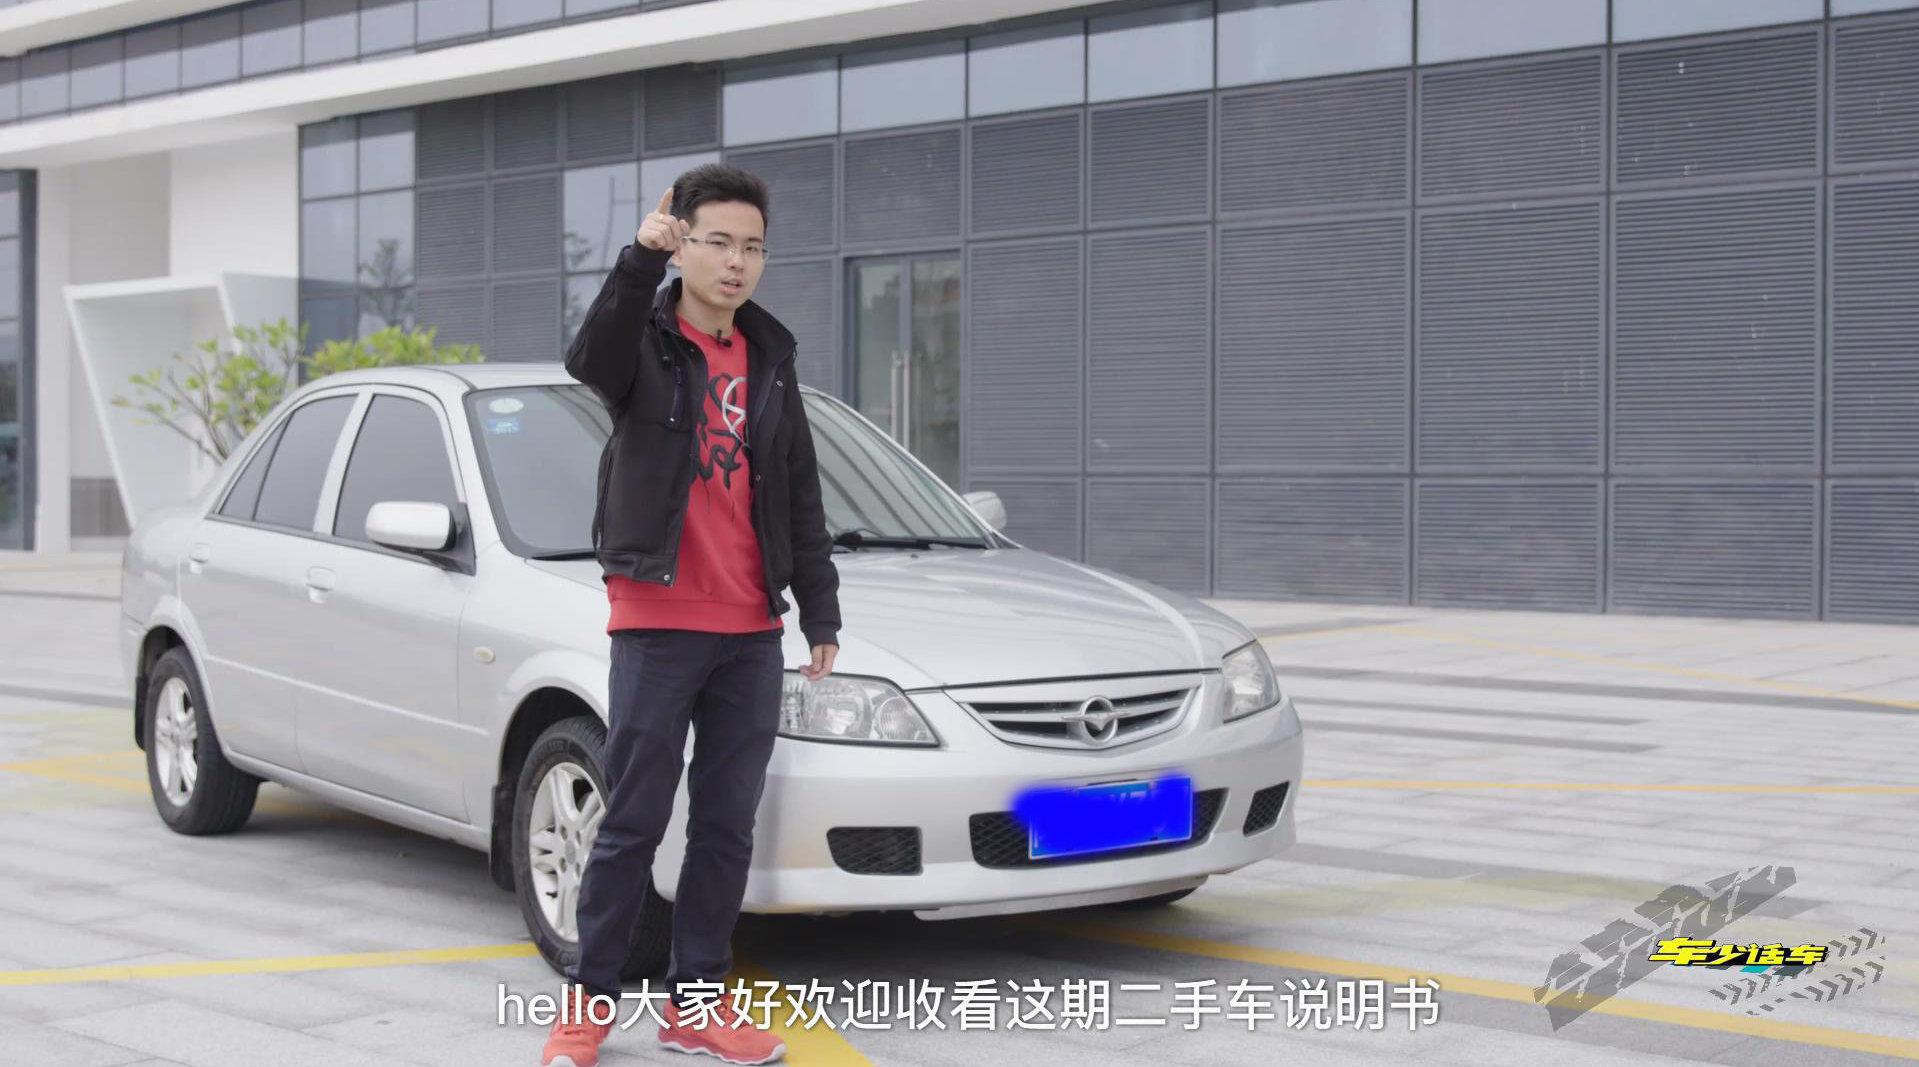 视频:《二手车说明书》:万元购入傻傻分不清楚车型